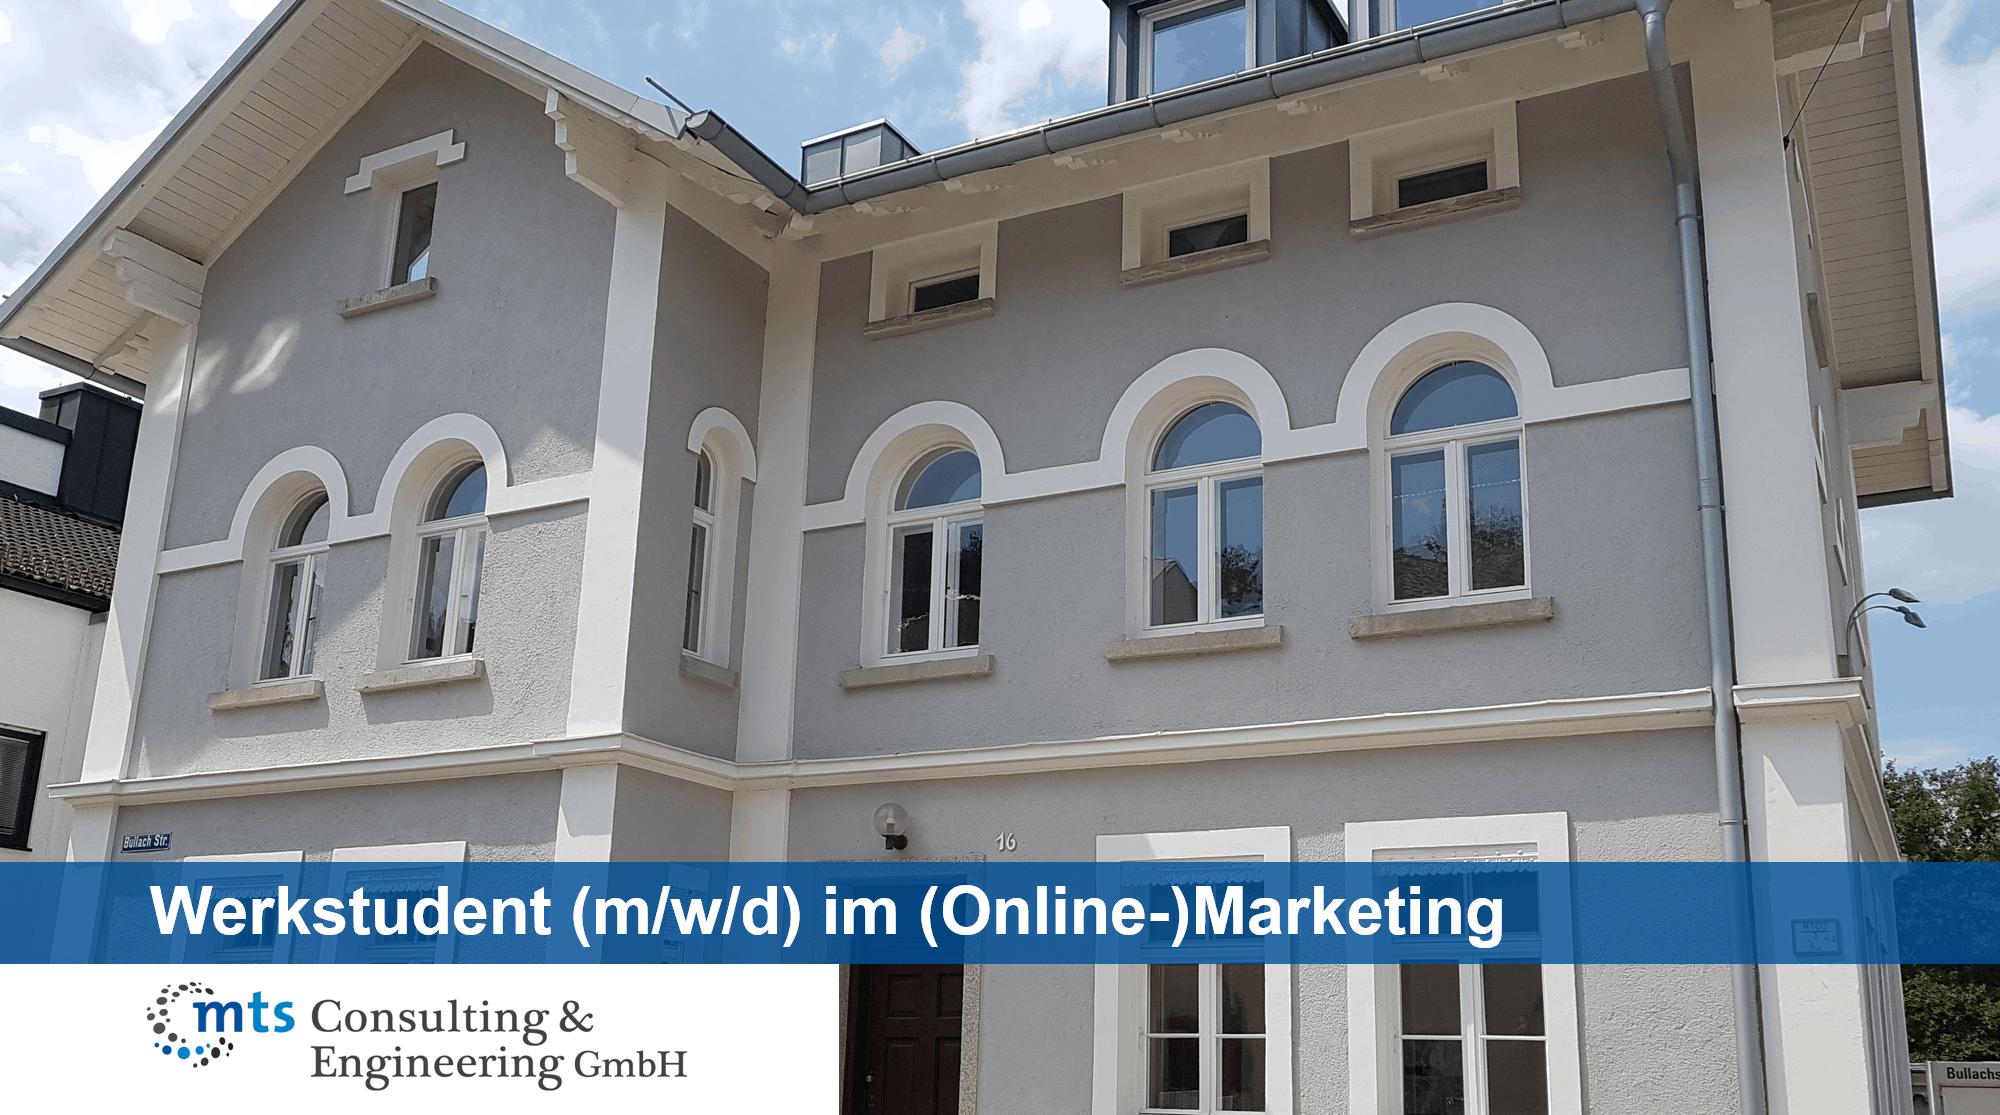 Werkstudent (m/w/d) im (Online-)Marketing 10 bis 15 Std. / Woche